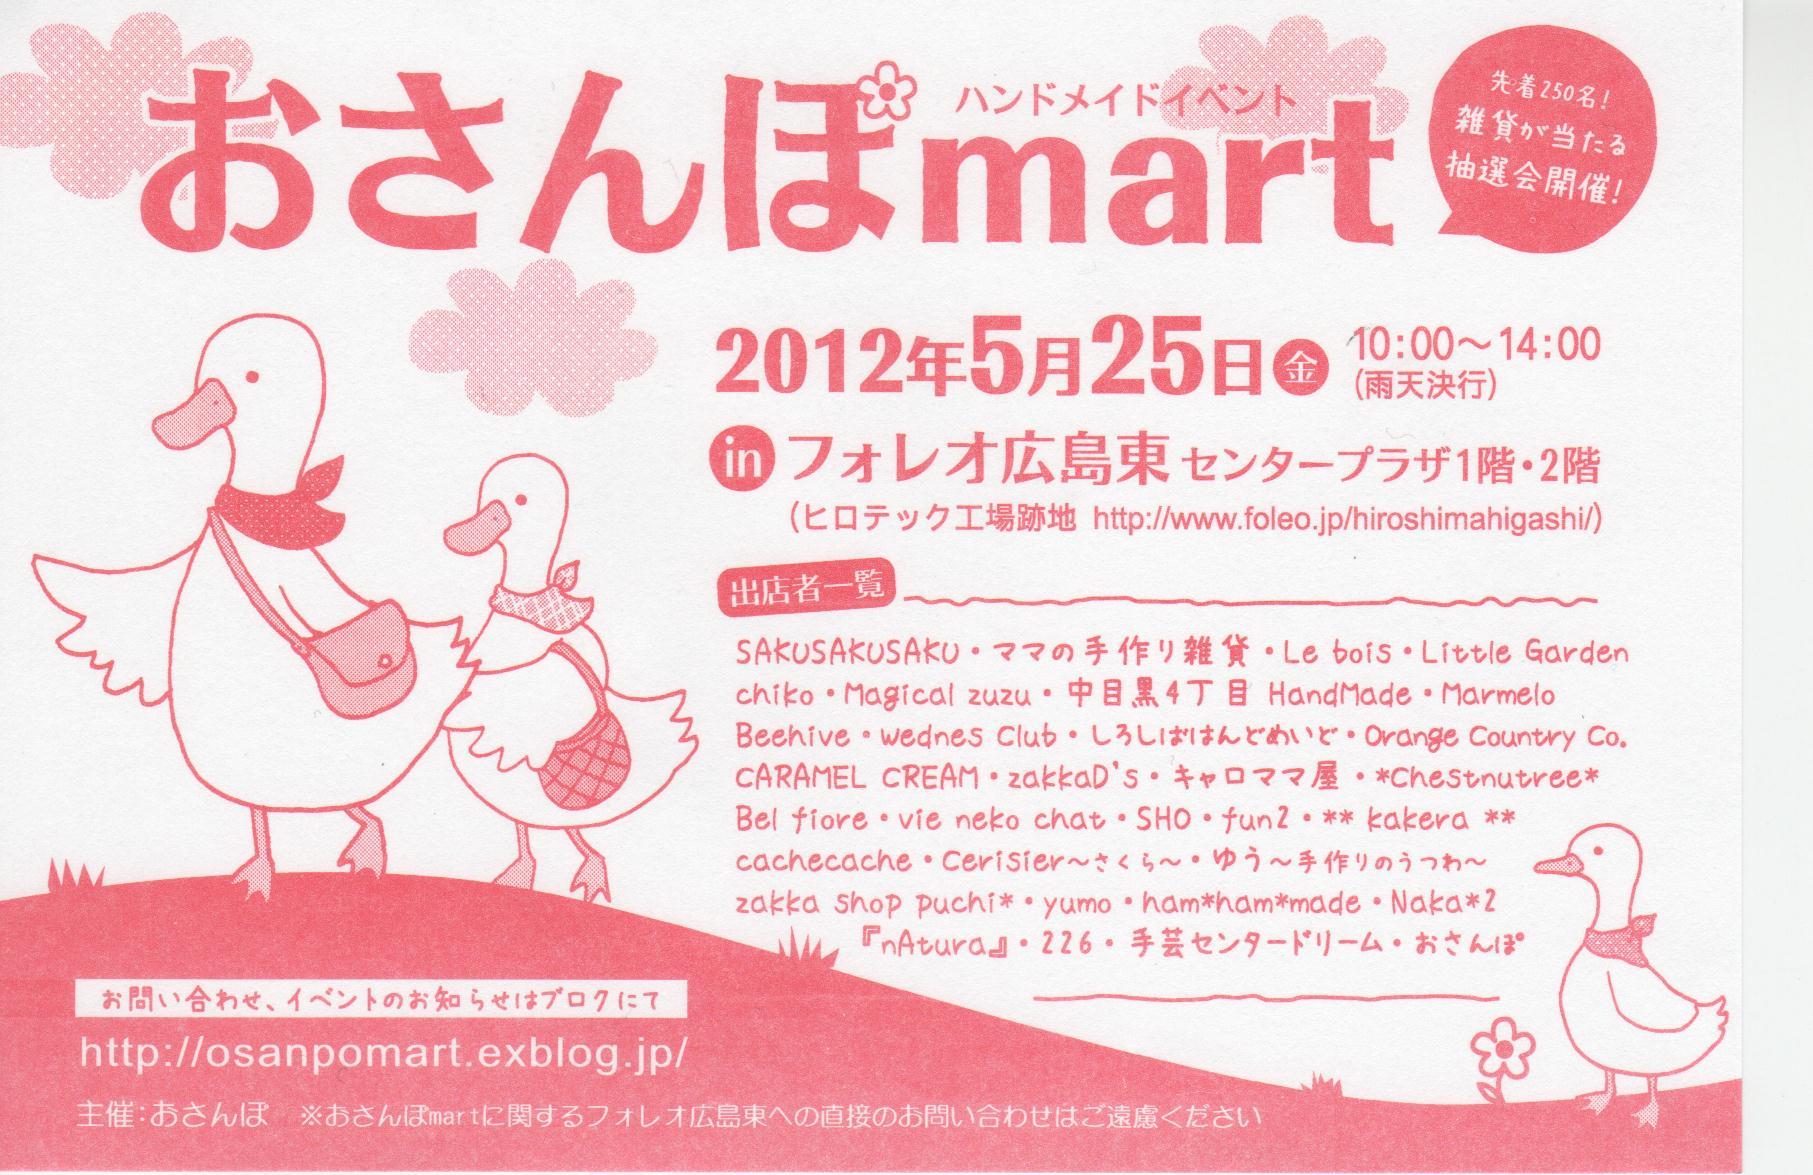 おさんぽmart3